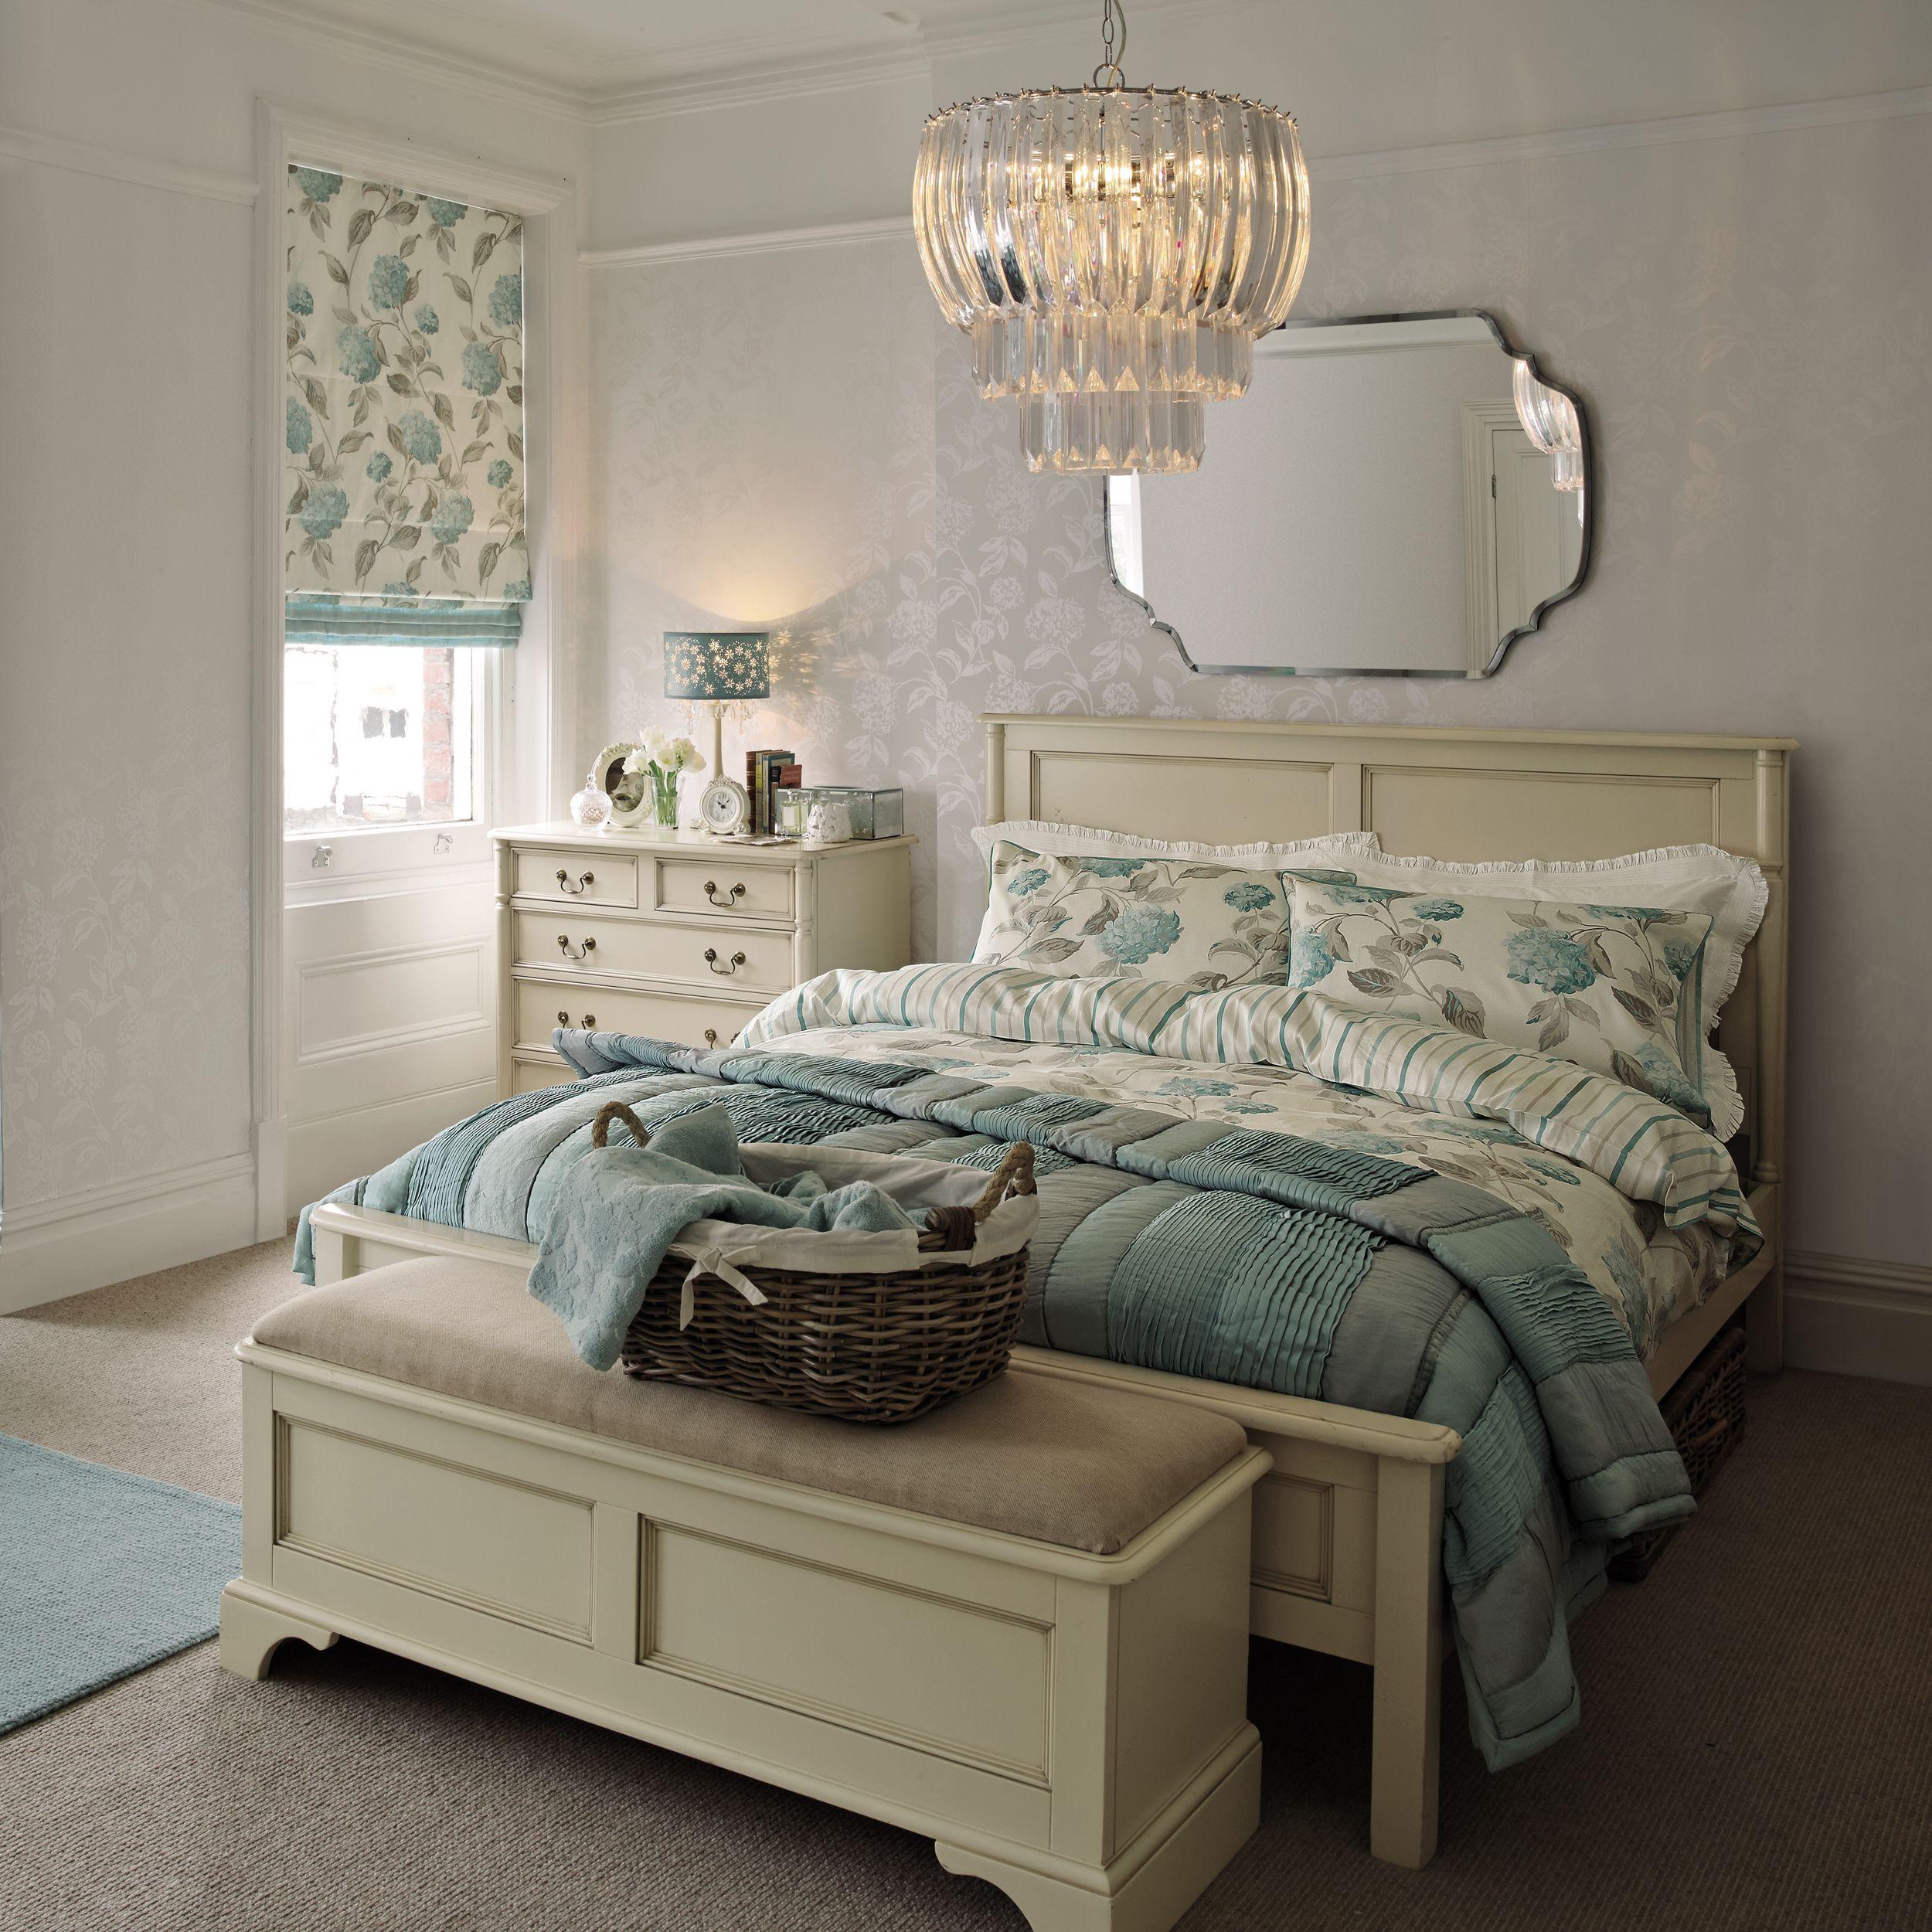 Laura Ashley Wallpaper Bedroom Hesta White Floral Wallpaper Girls Room Pinterest Floral